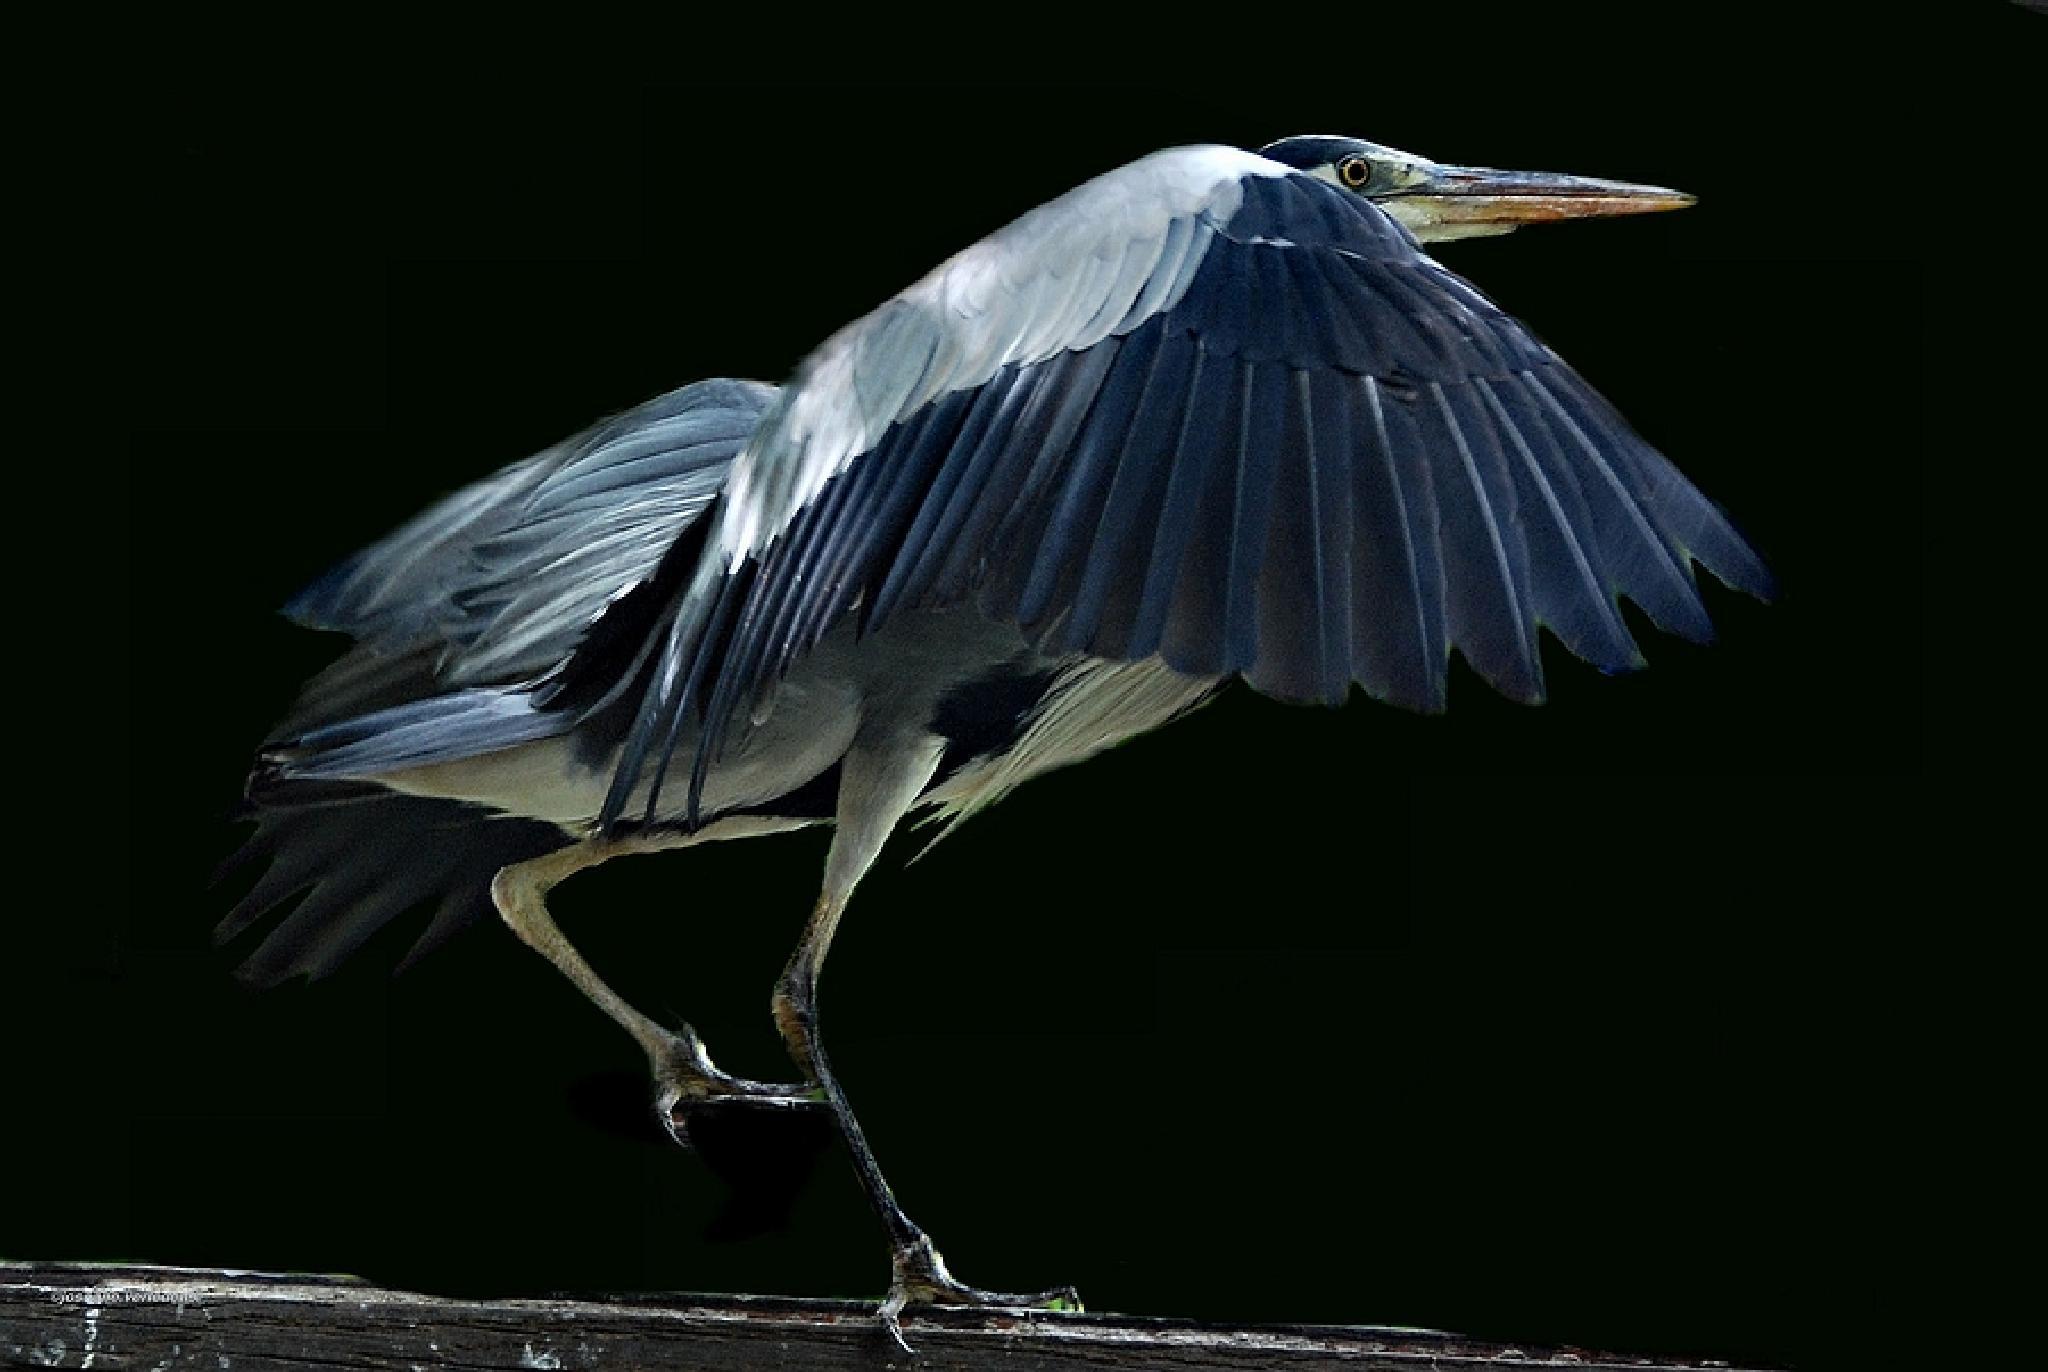 heron by joseane.verledens